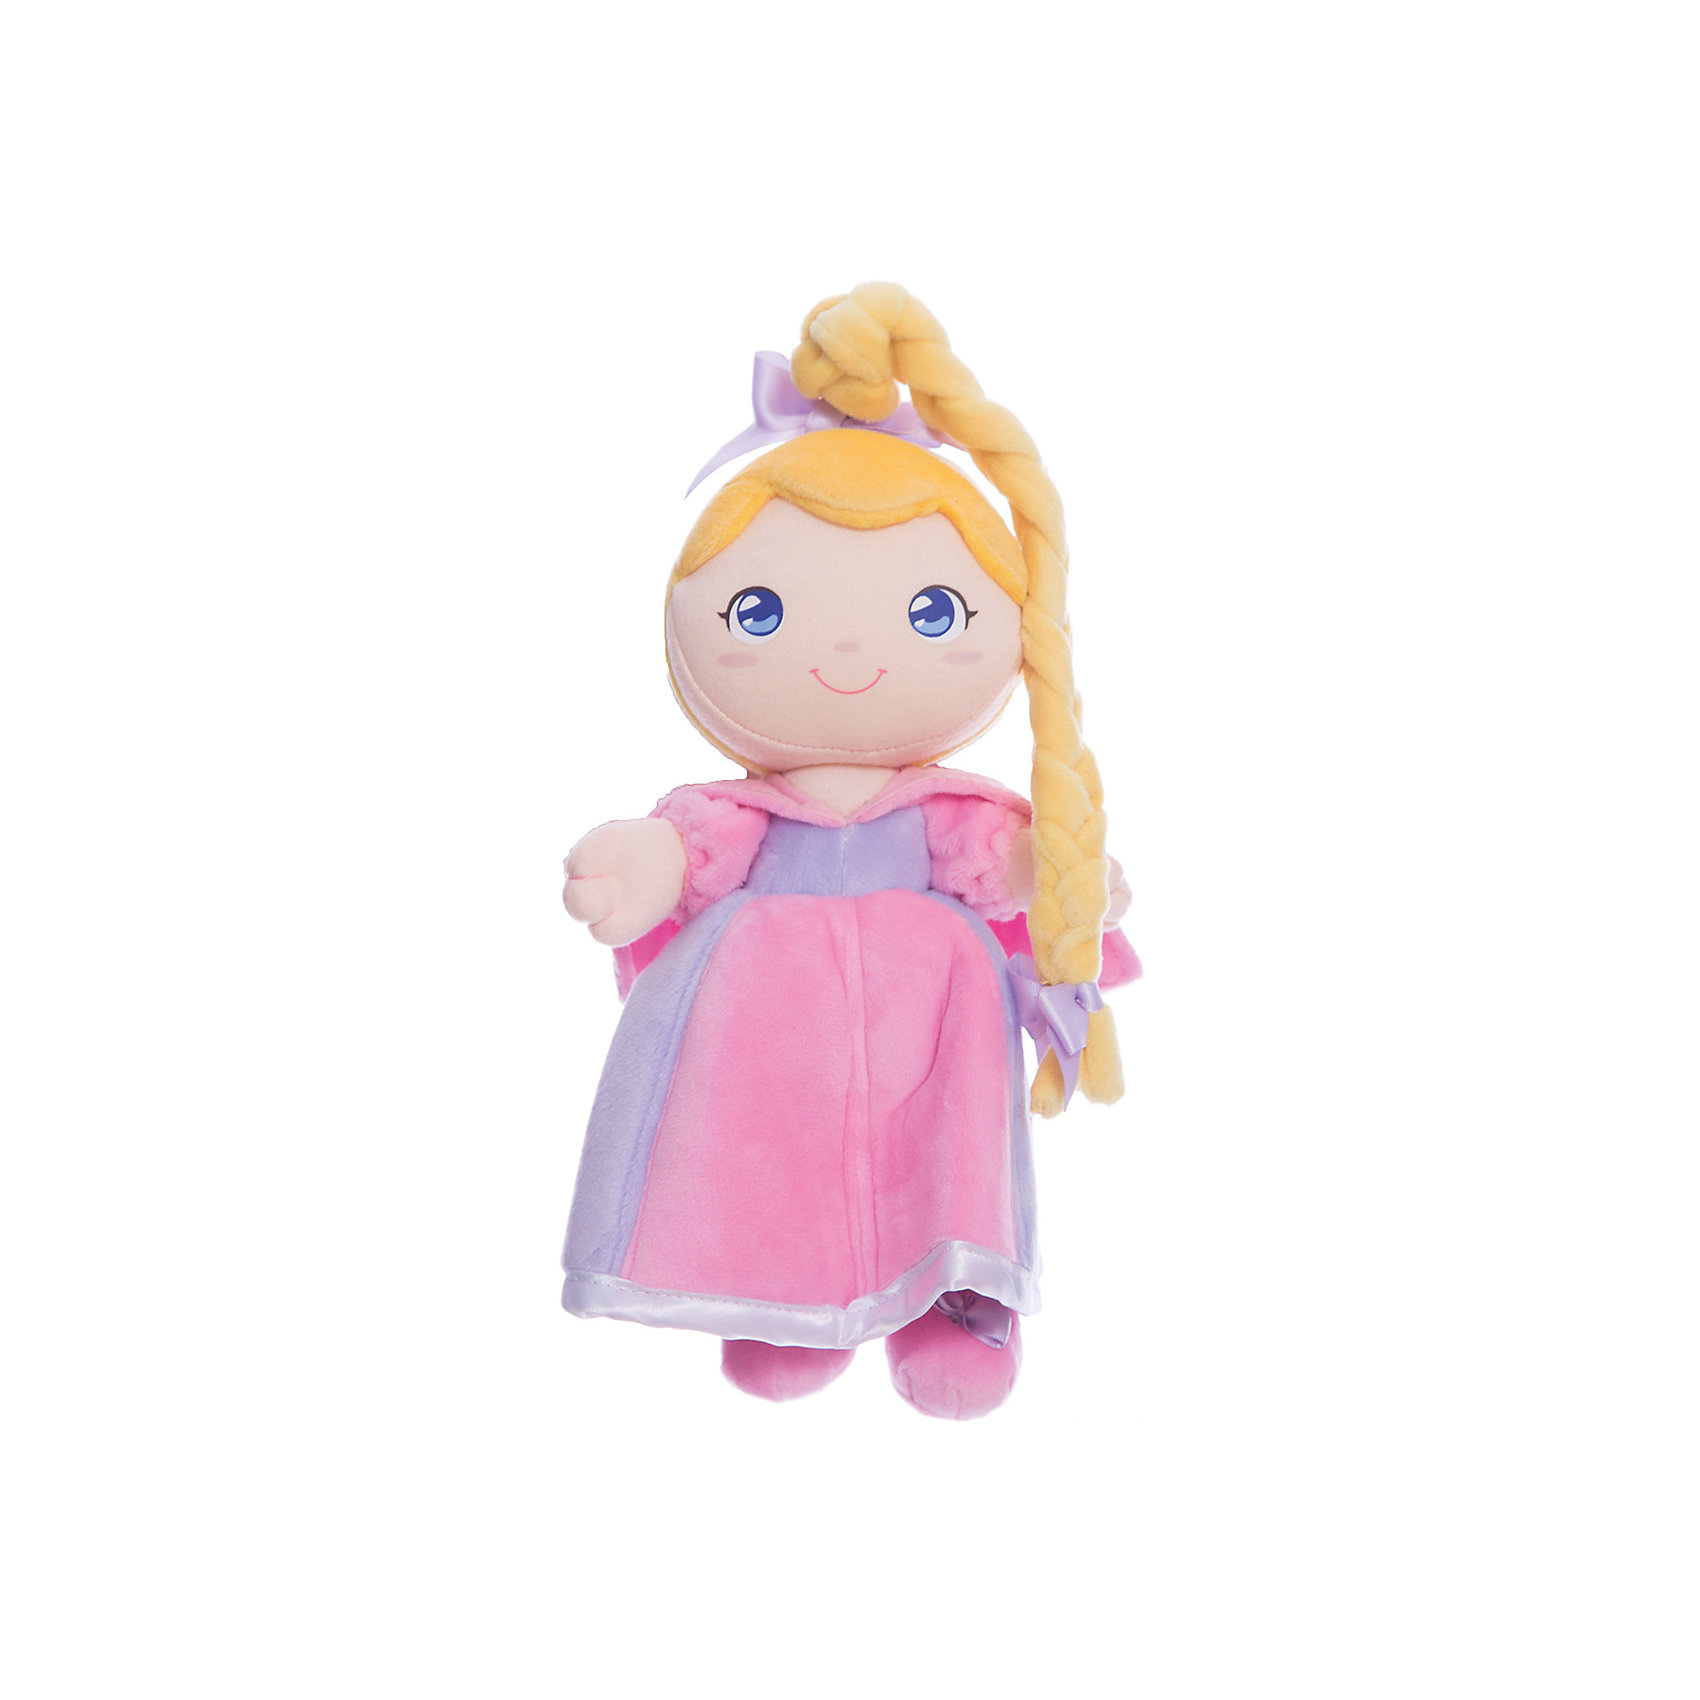 Мягкая кукла принцесса Роза, 24 см, TrudiМягкие куклы<br>Характеристики товара:<br><br>• возраст с рождения;<br>• материал: плюш, текстиль, синтепон;<br>• высота игрушки 24 см;<br>• размер упаковки 26х19х12 см;<br>• вес упаковки 120 гр.;<br>• страна производитель Китай.<br><br>Мягкая кукла принцесса Роза Trudi — улыбающаяся принцесса с большими голубыми глазками и длинной косичкой. Роза одета в нежное розовое платье. В процессе игры девочка может придумывать с куколкой свои невероятные сюжеты и истории. Игрушка способствует развитию тактильных ощущений, воображения и фантазии. Кукла изготовлена из качественного материала, который не вызывает у детей аллергических реакций. Игрушку можно стирать в стиральной машине, она не выгорает и сохраняет форму.<br><br>Мягкую куклу принцесса Роза Trudi можно приобрести в нашем интернет-магазине.<br><br>Ширина мм: 260<br>Глубина мм: 190<br>Высота мм: 120<br>Вес г: 120<br>Возраст от месяцев: -2147483648<br>Возраст до месяцев: 2147483647<br>Пол: Женский<br>Возраст: Детский<br>SKU: 5578414